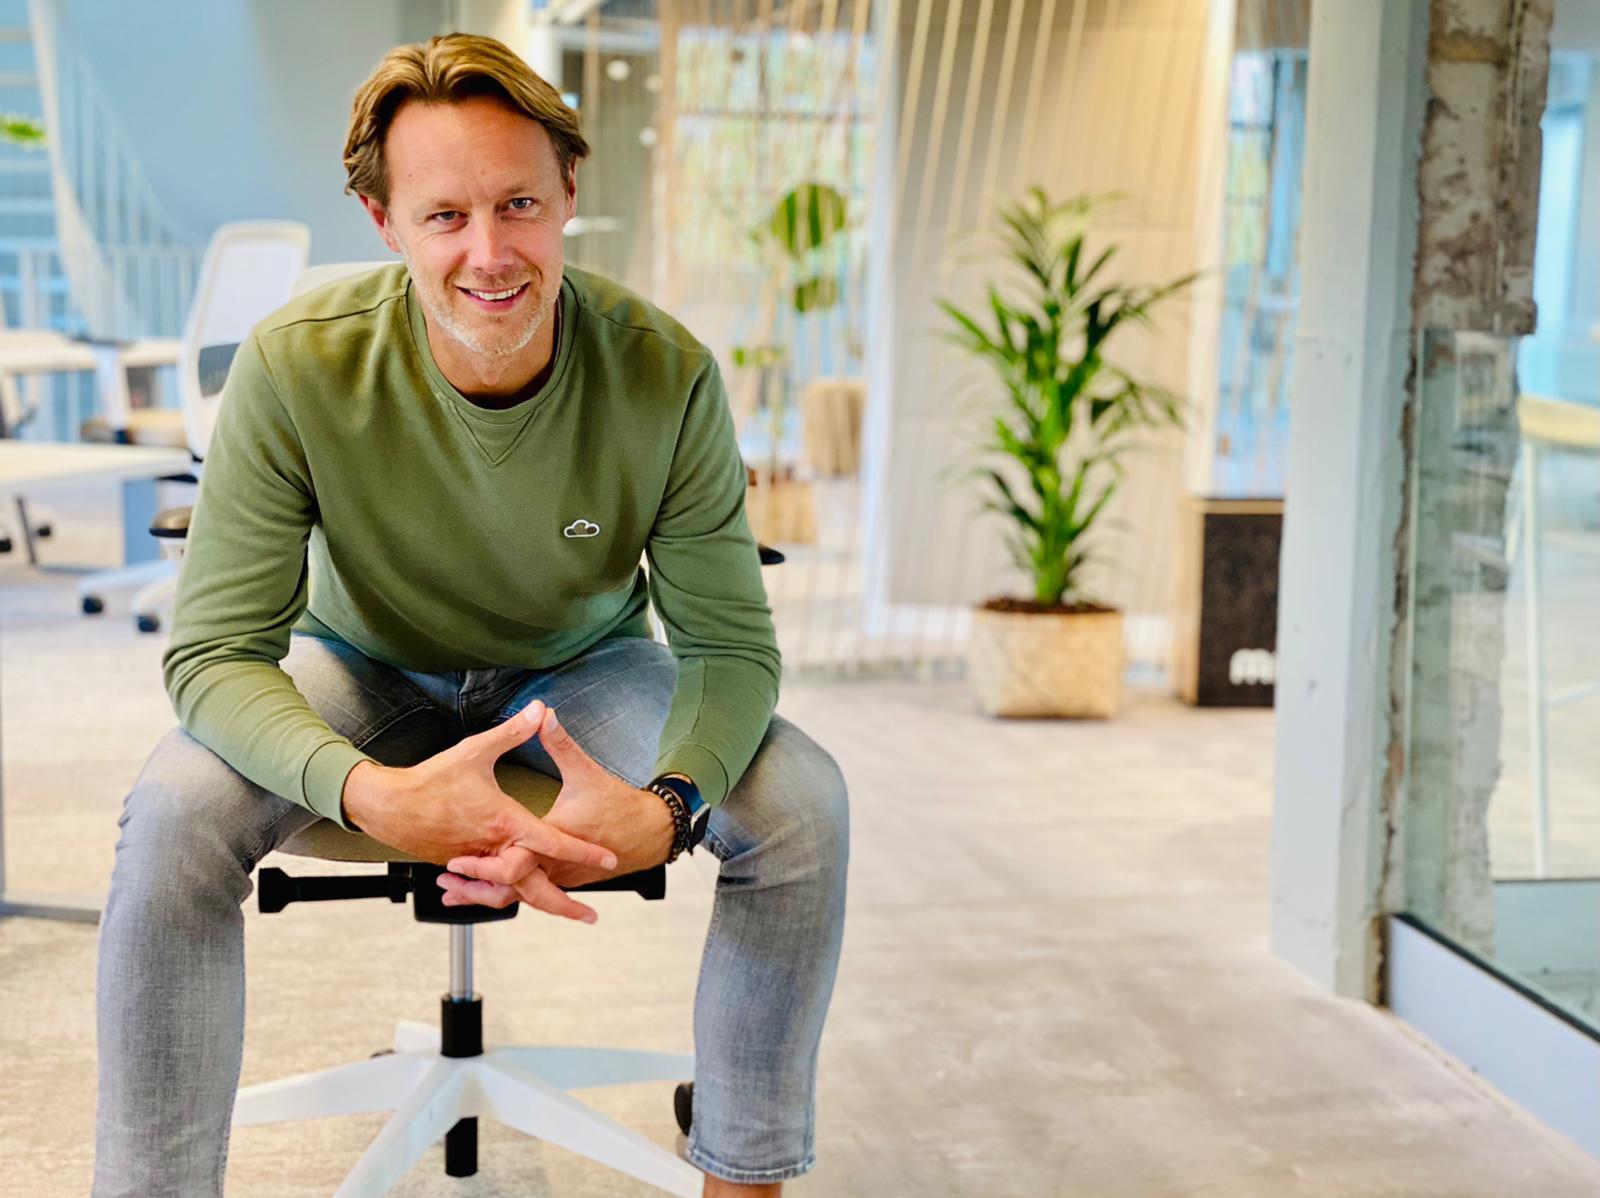 Nieuw kantoor in coronatijd? Great Place To Work verhuist naar impact hub Oceans in Haarlem (interview met René Brouwers)